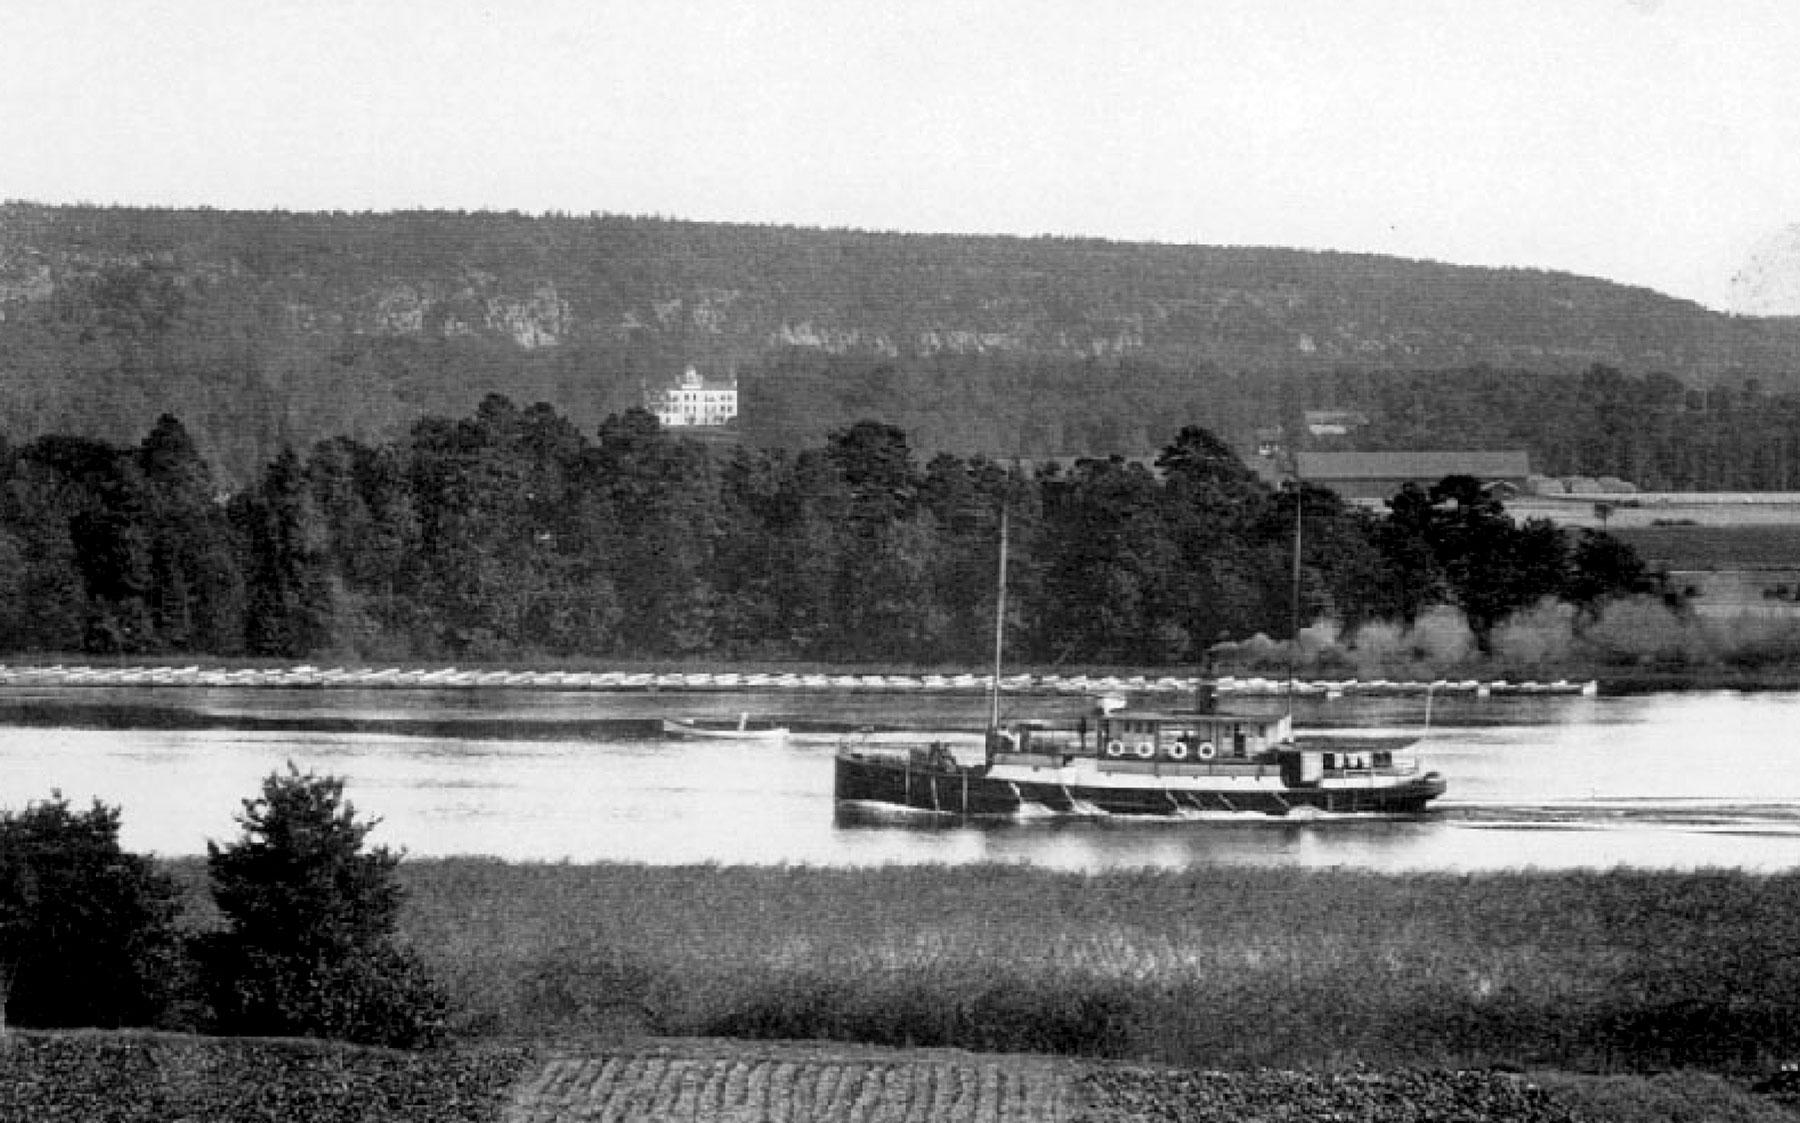 Utsikt mot älven med passagerarbåten Elfkungen.